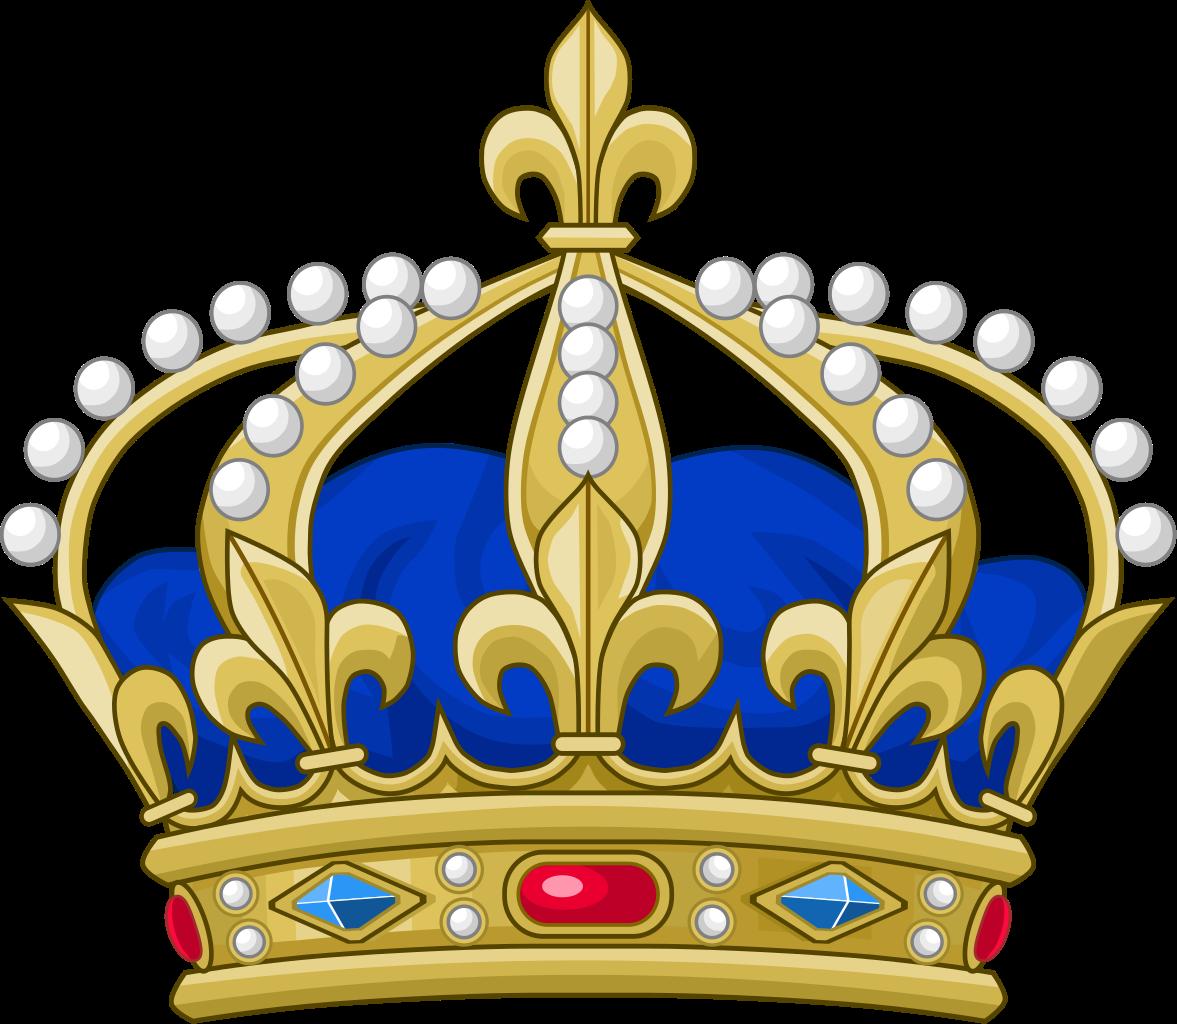 clip art images. Crown clipart cap